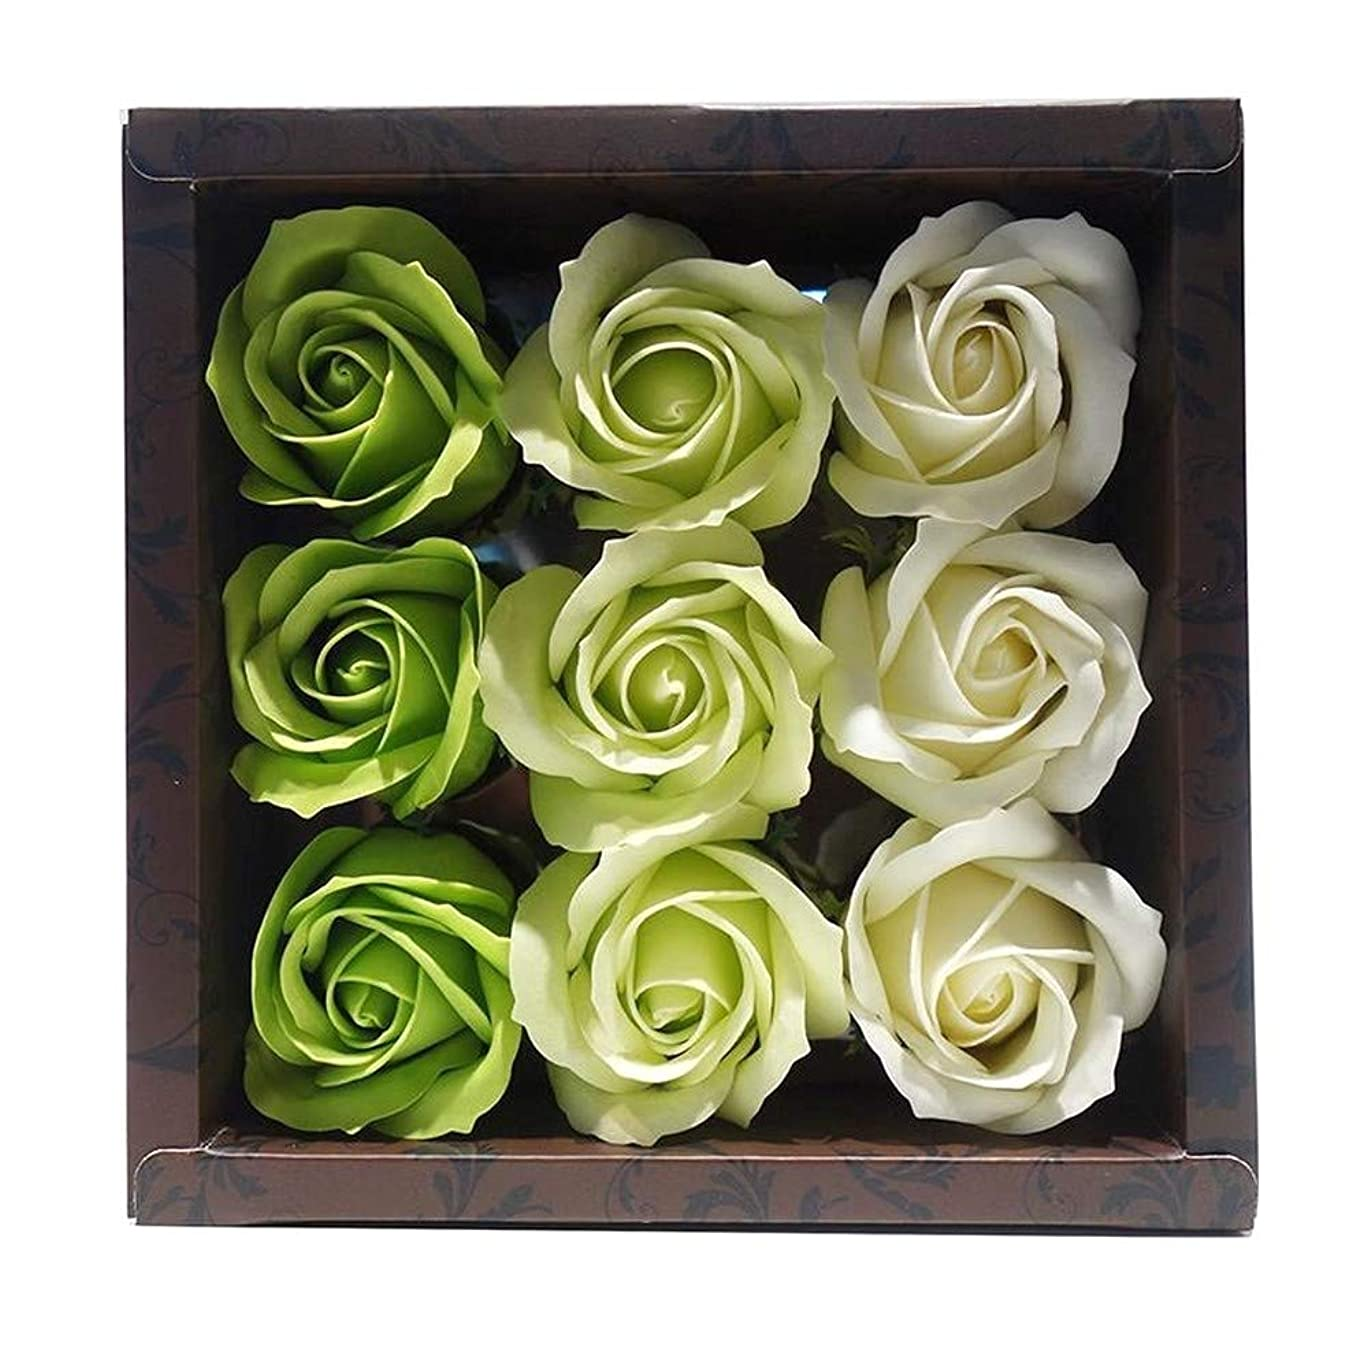 重要性もっともらしいパーチナシティ花のカタチの入浴料 ローズ バスフレグランス フラワーフレグランス バスフラワー (グリーン)